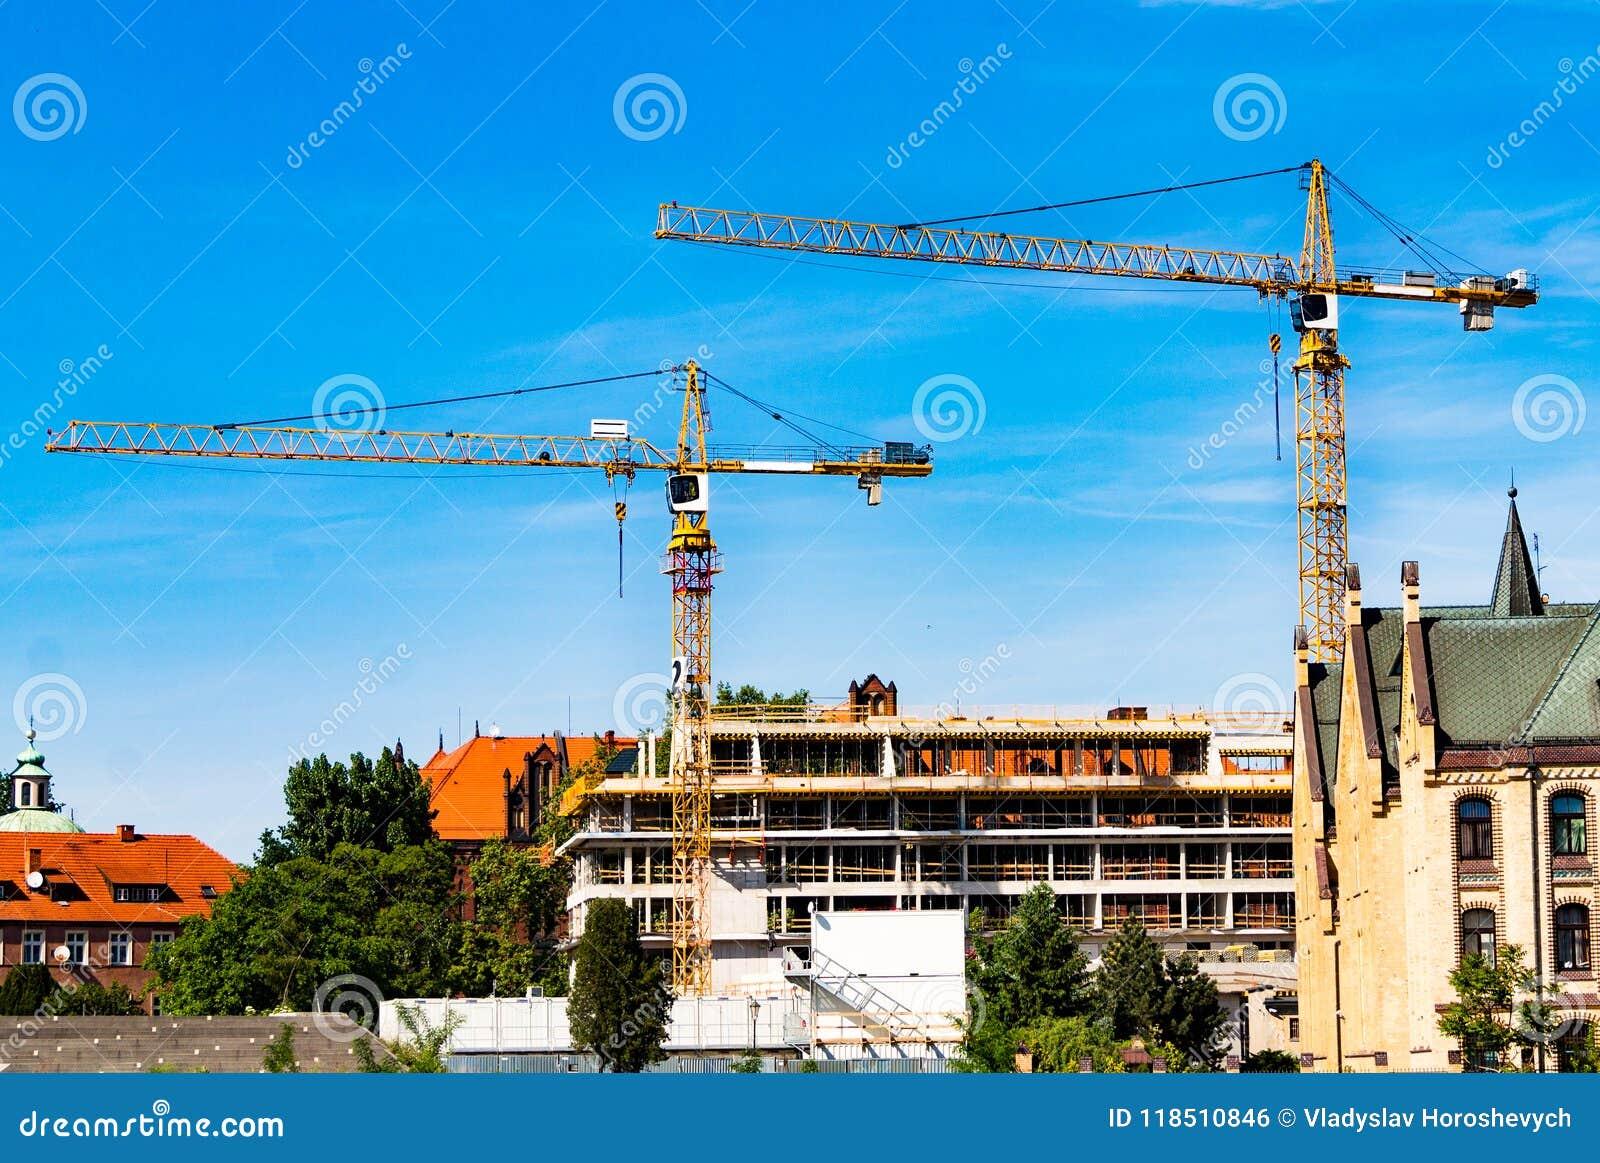 Gru a torre, costruzione di una casa residenziale, una gru contro il cielo, un contrappeso, orizzonte industriale